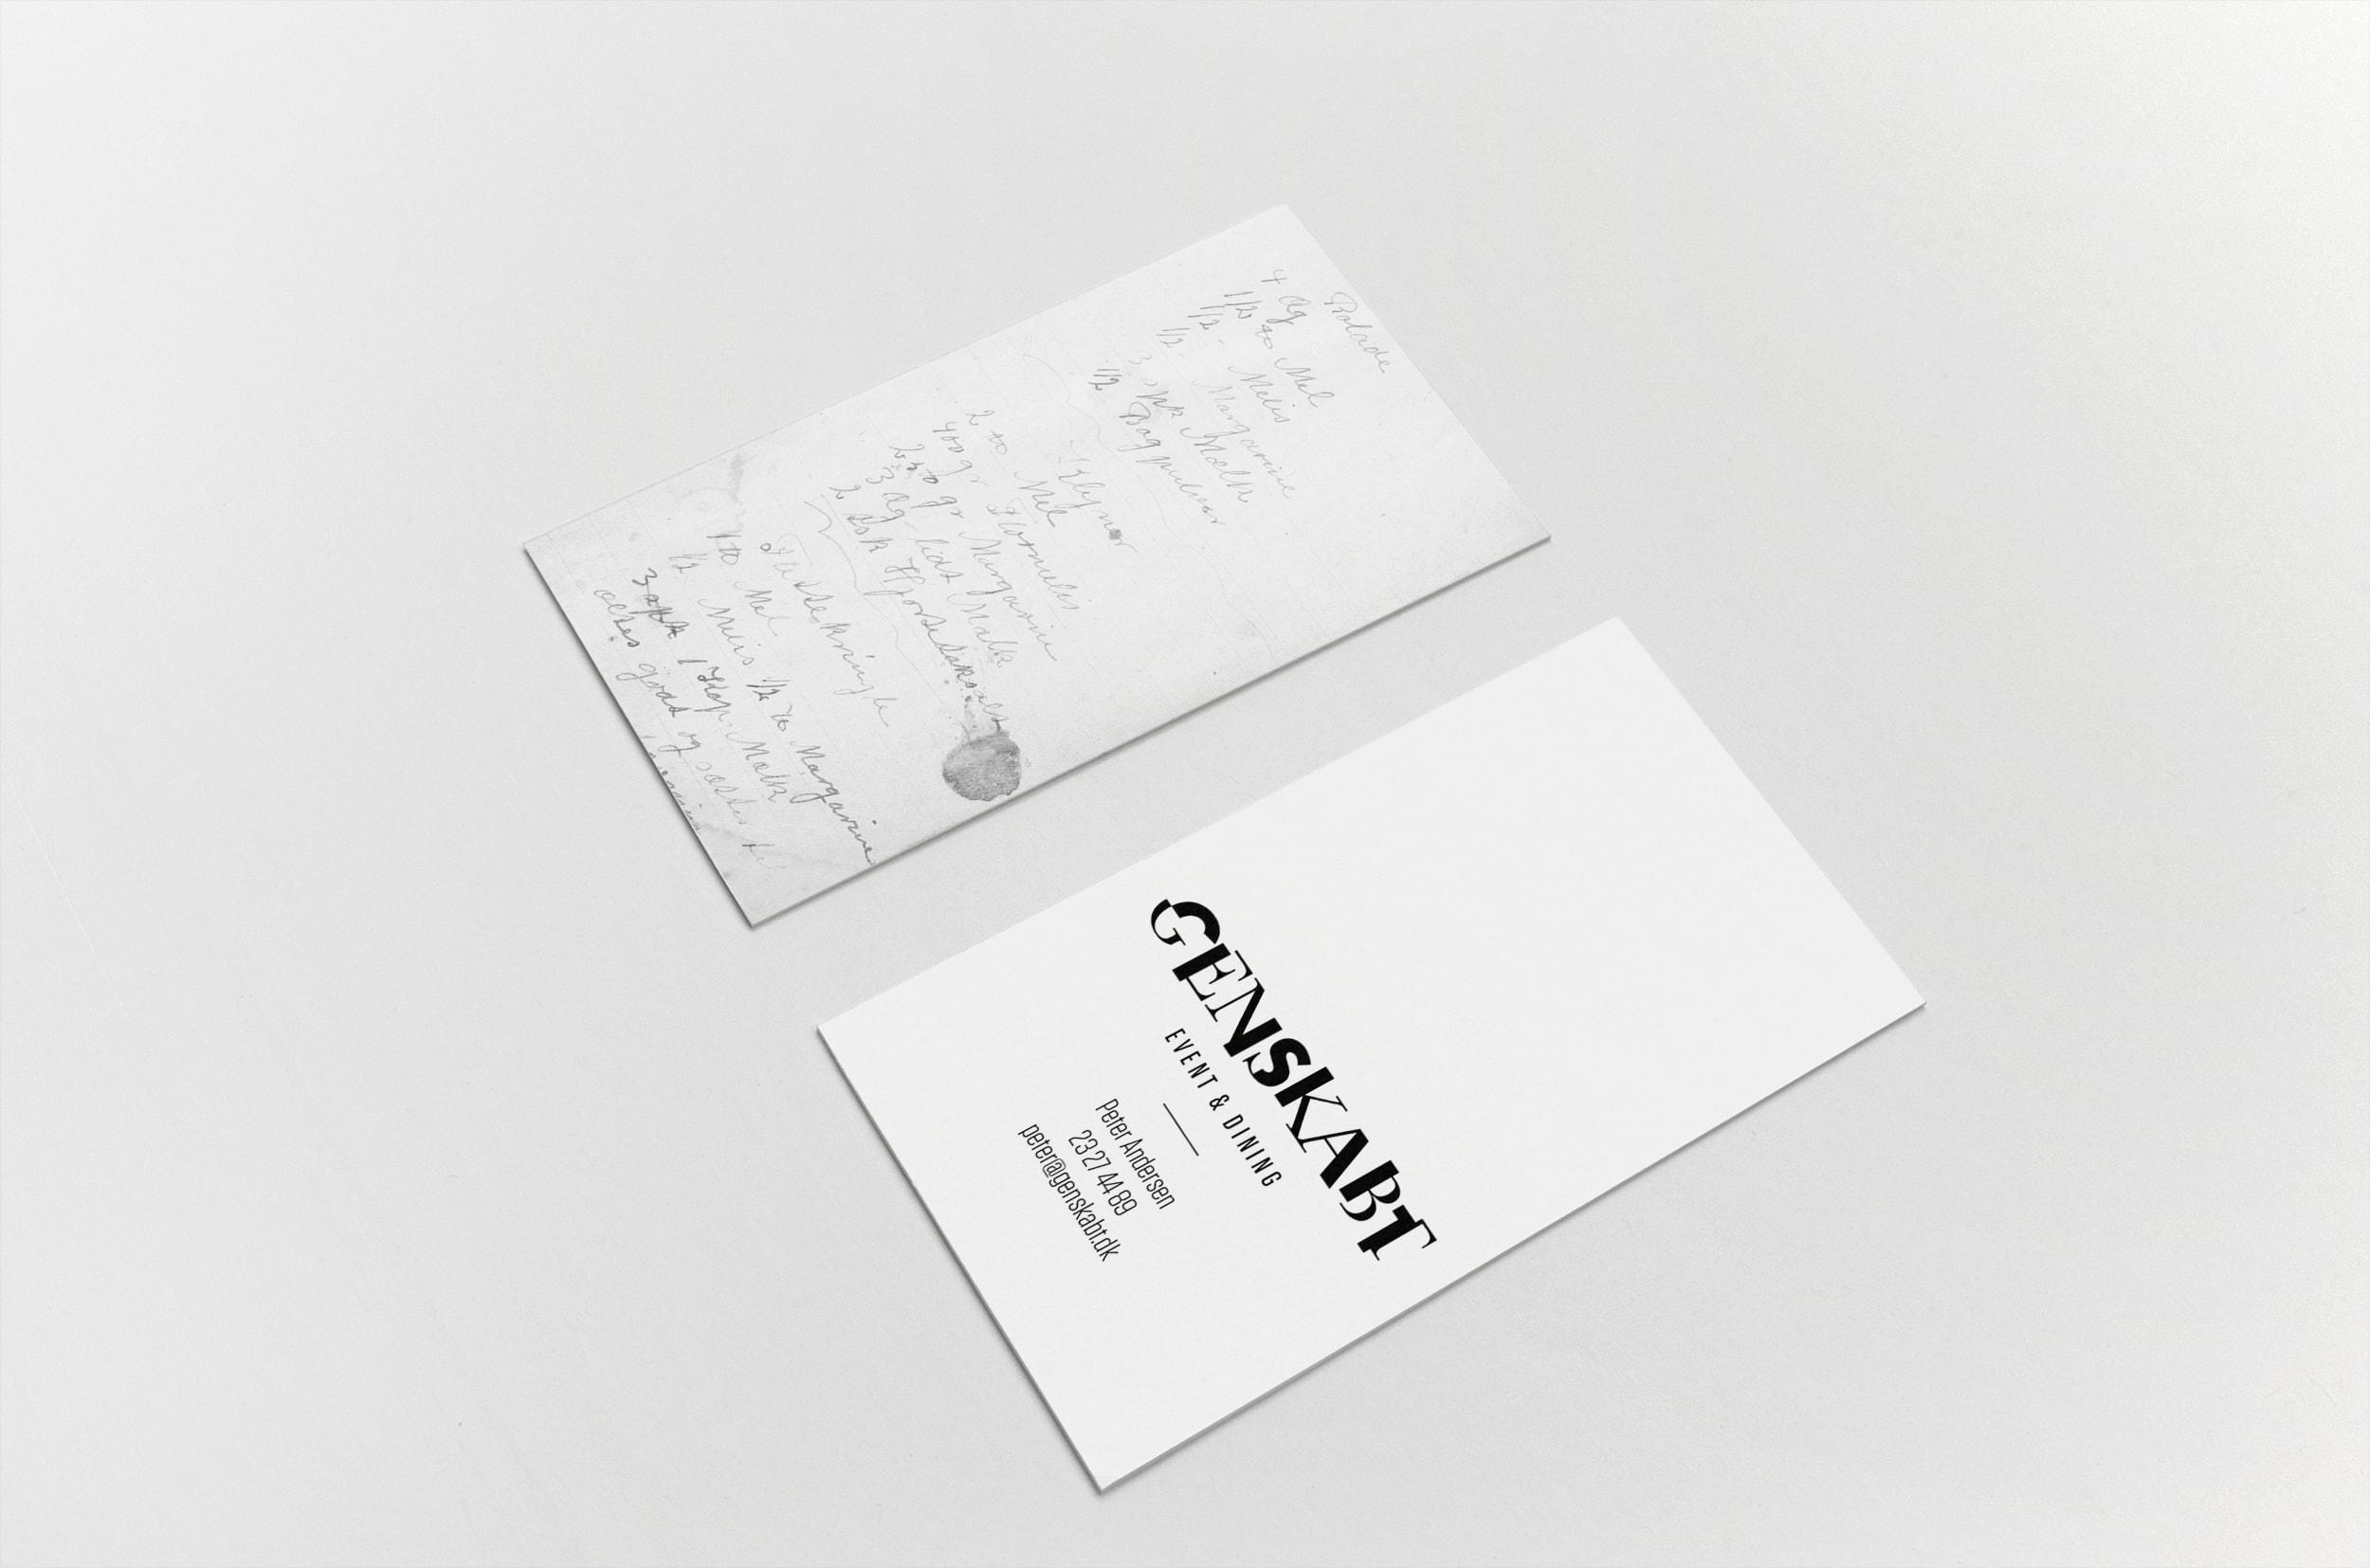 vcard_genskabt_philipjohansen_mockup